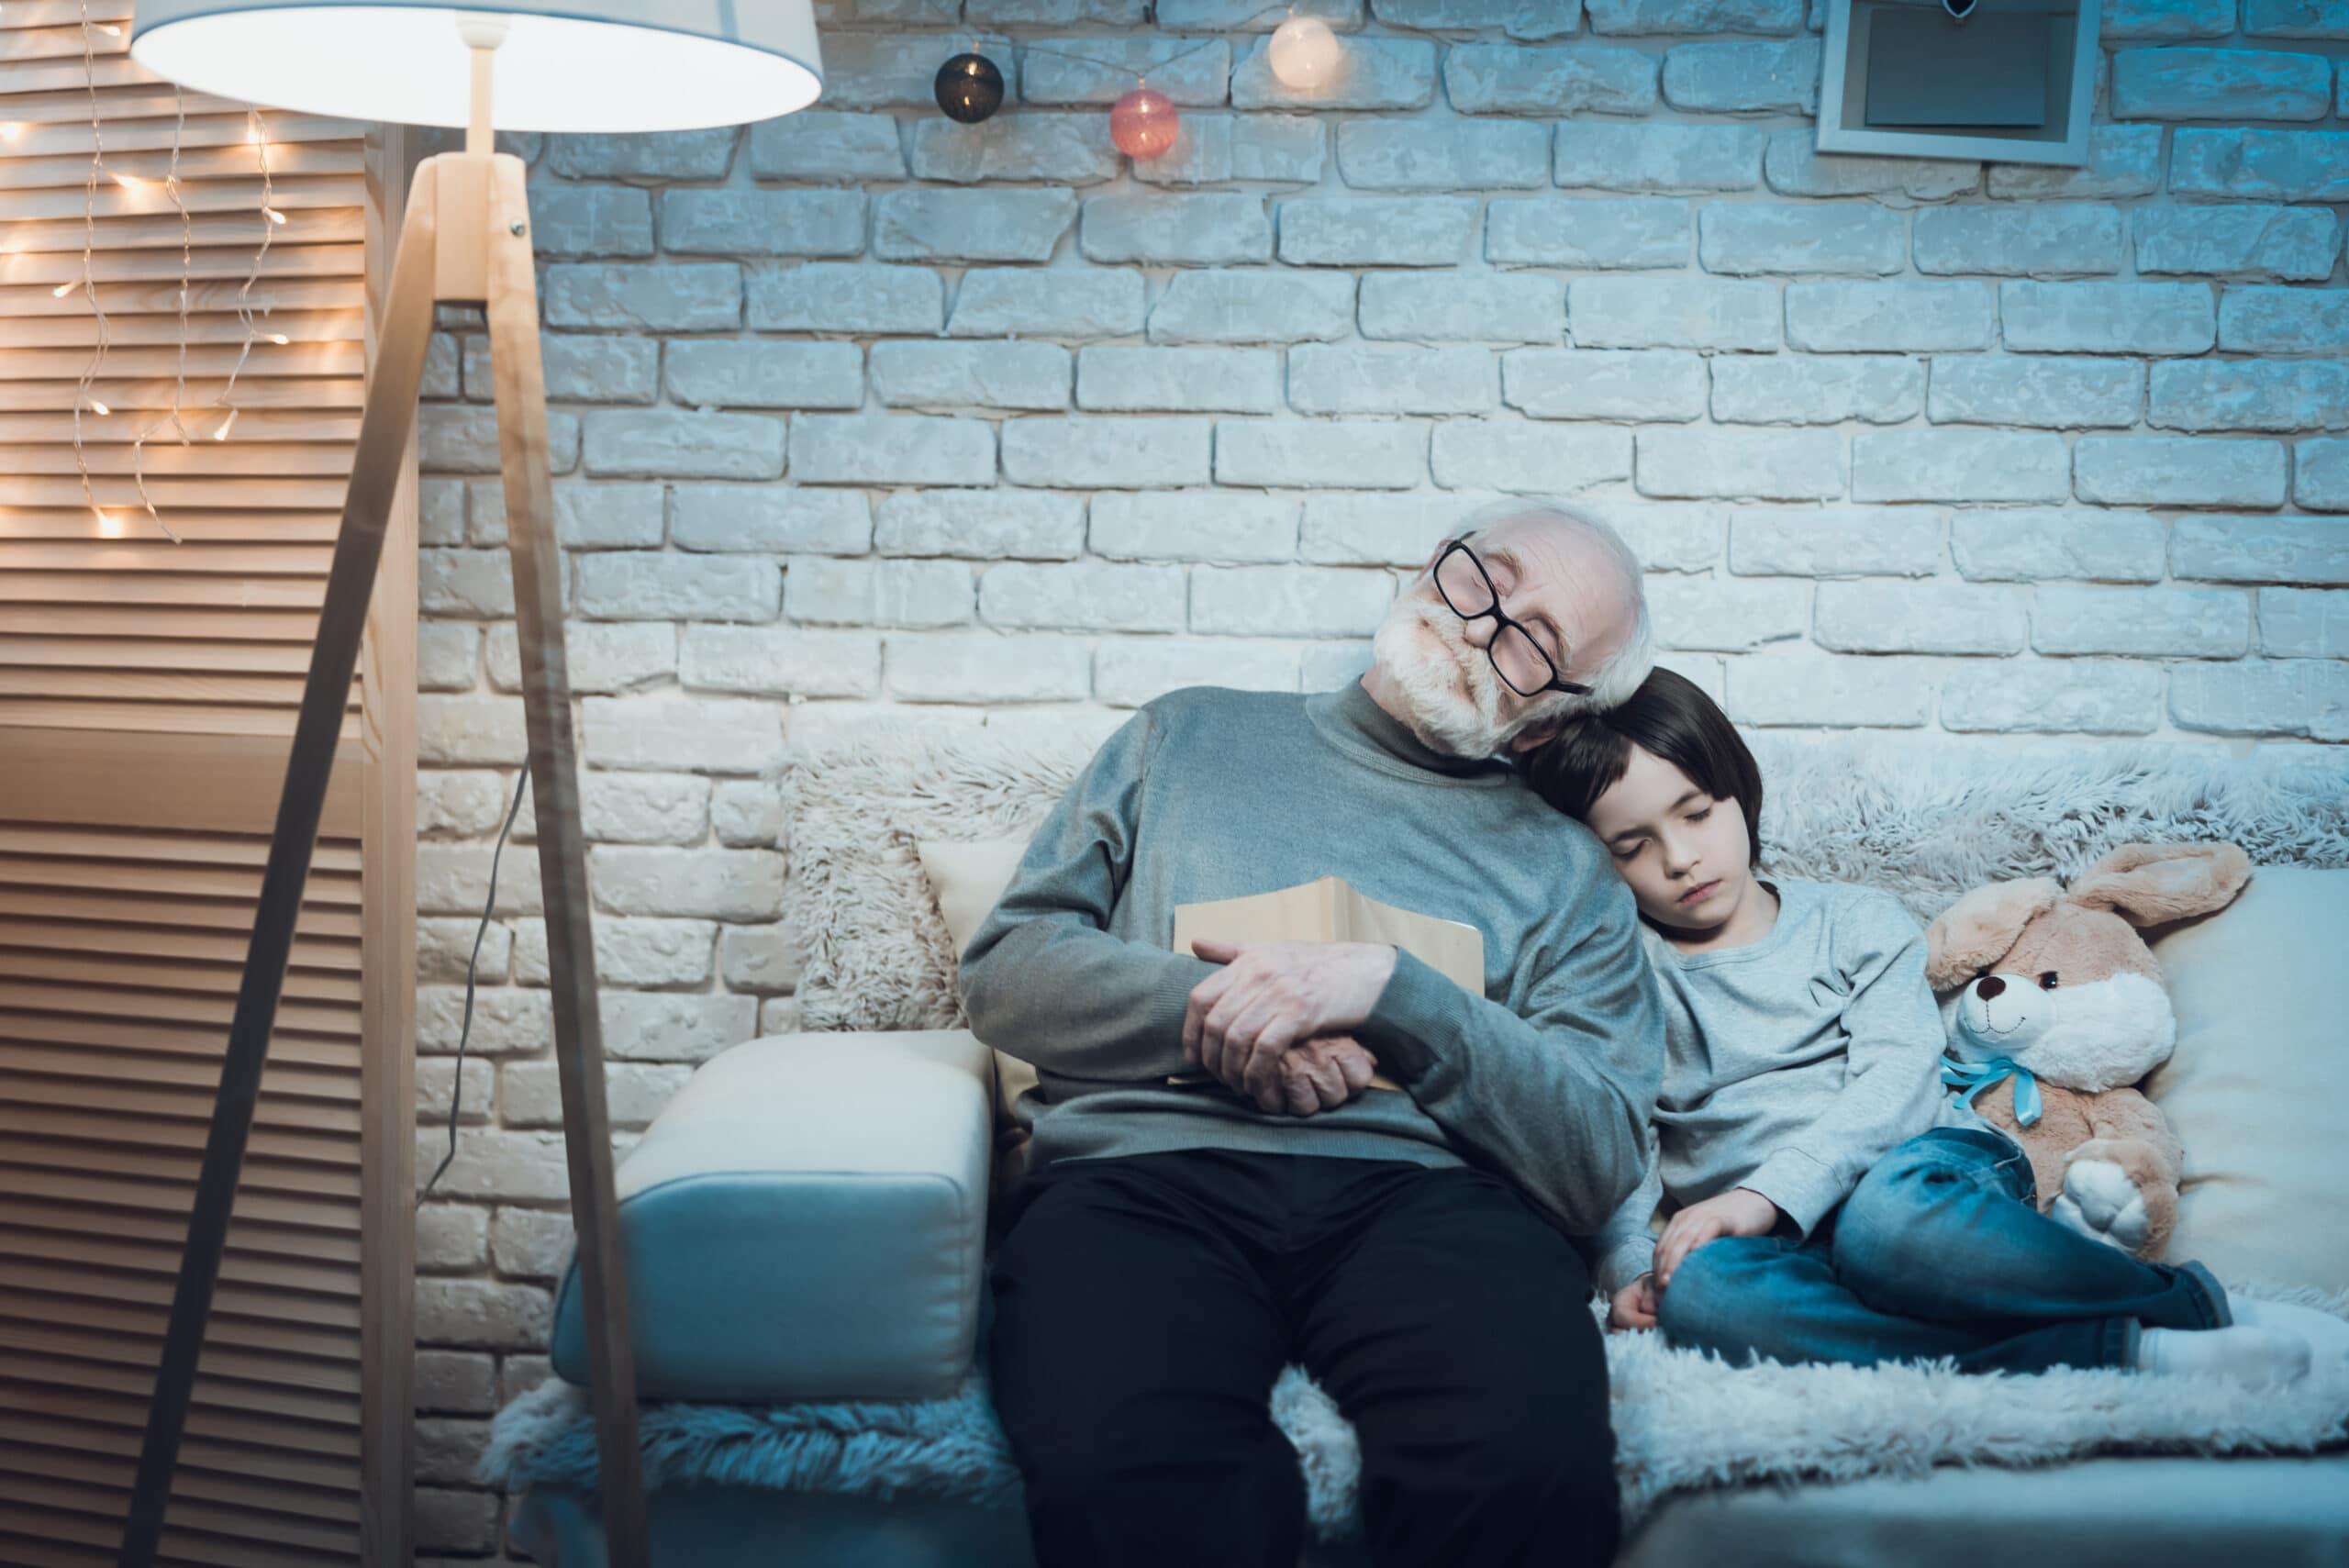 Regulārs miega cikls mazina sirds un asinsvadu slimību risku